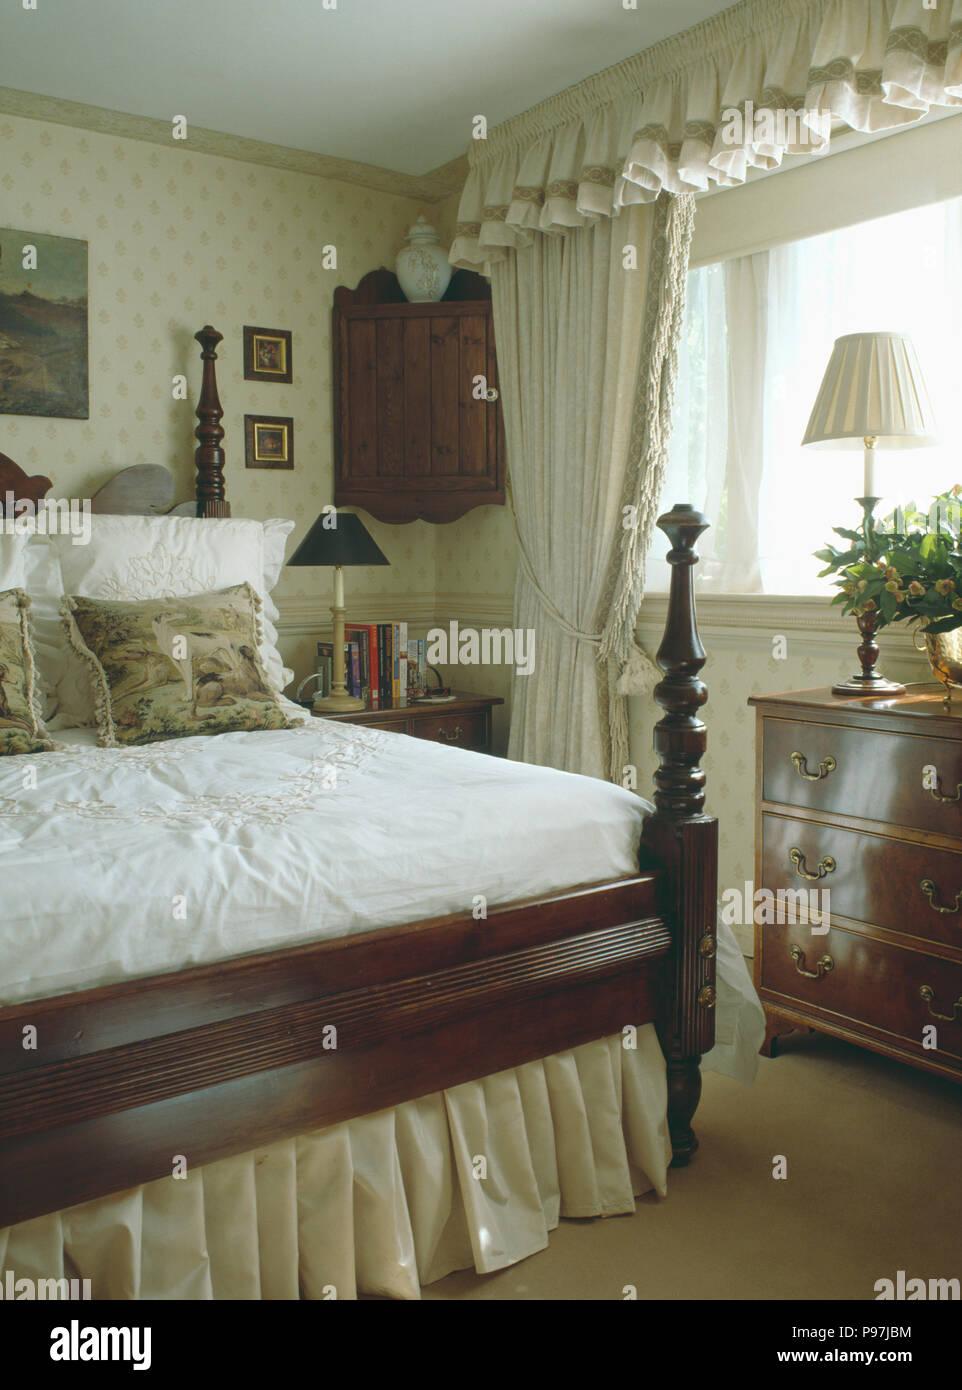 Bett aus Holz mit gedrechselten Spindeln in kleinen Schlafzimmer mit ...